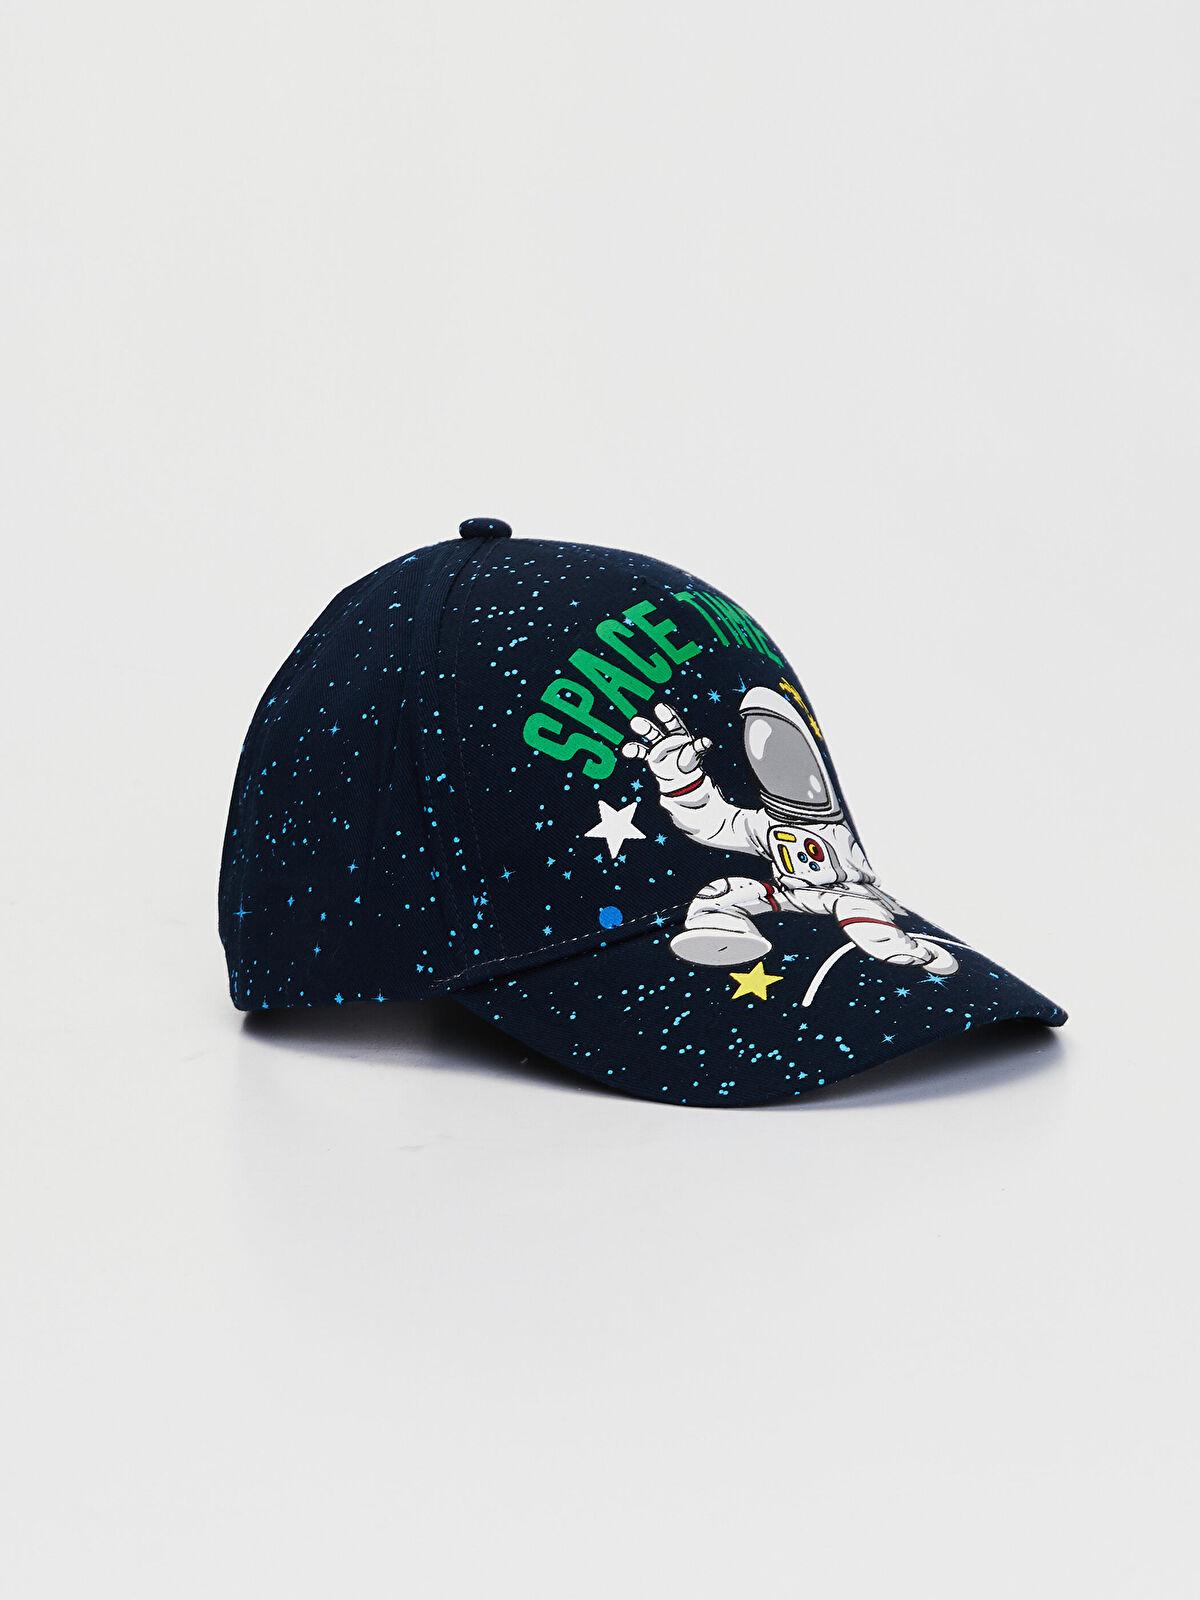 Erkek Çocuk Astronot Baskılı Şapka - LC WAIKIKI